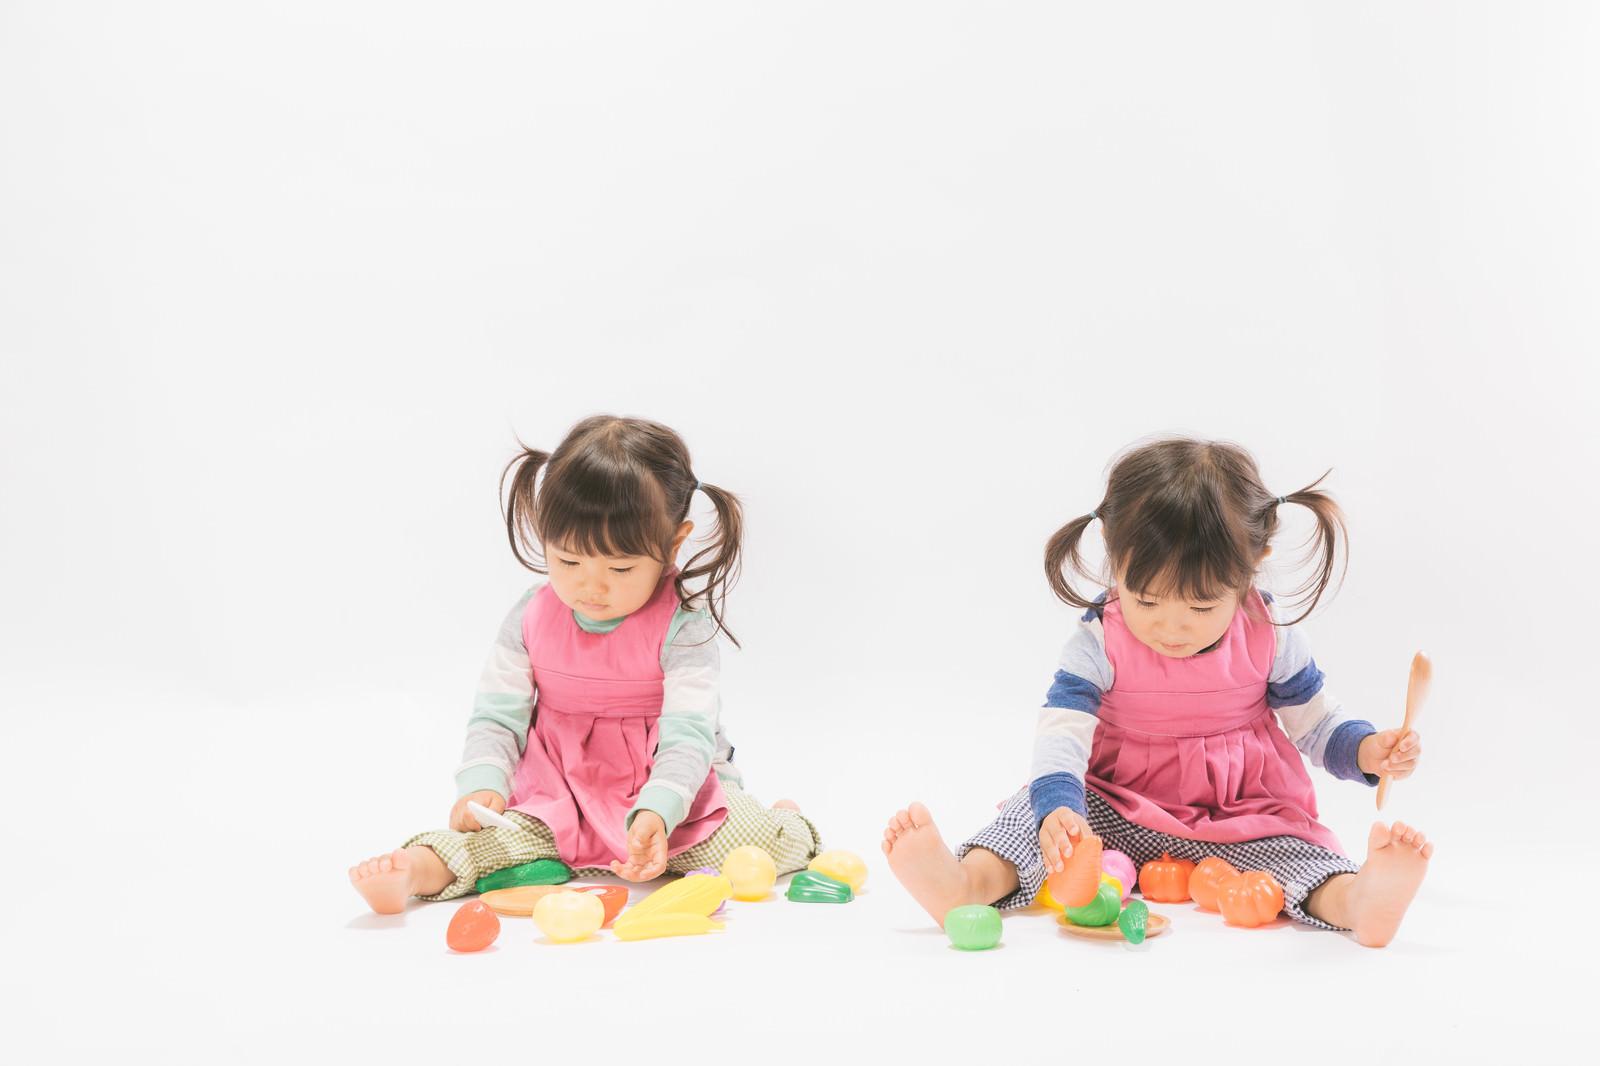 「仲良くおままごとをする双子女児」の写真[モデル:あおみどり]